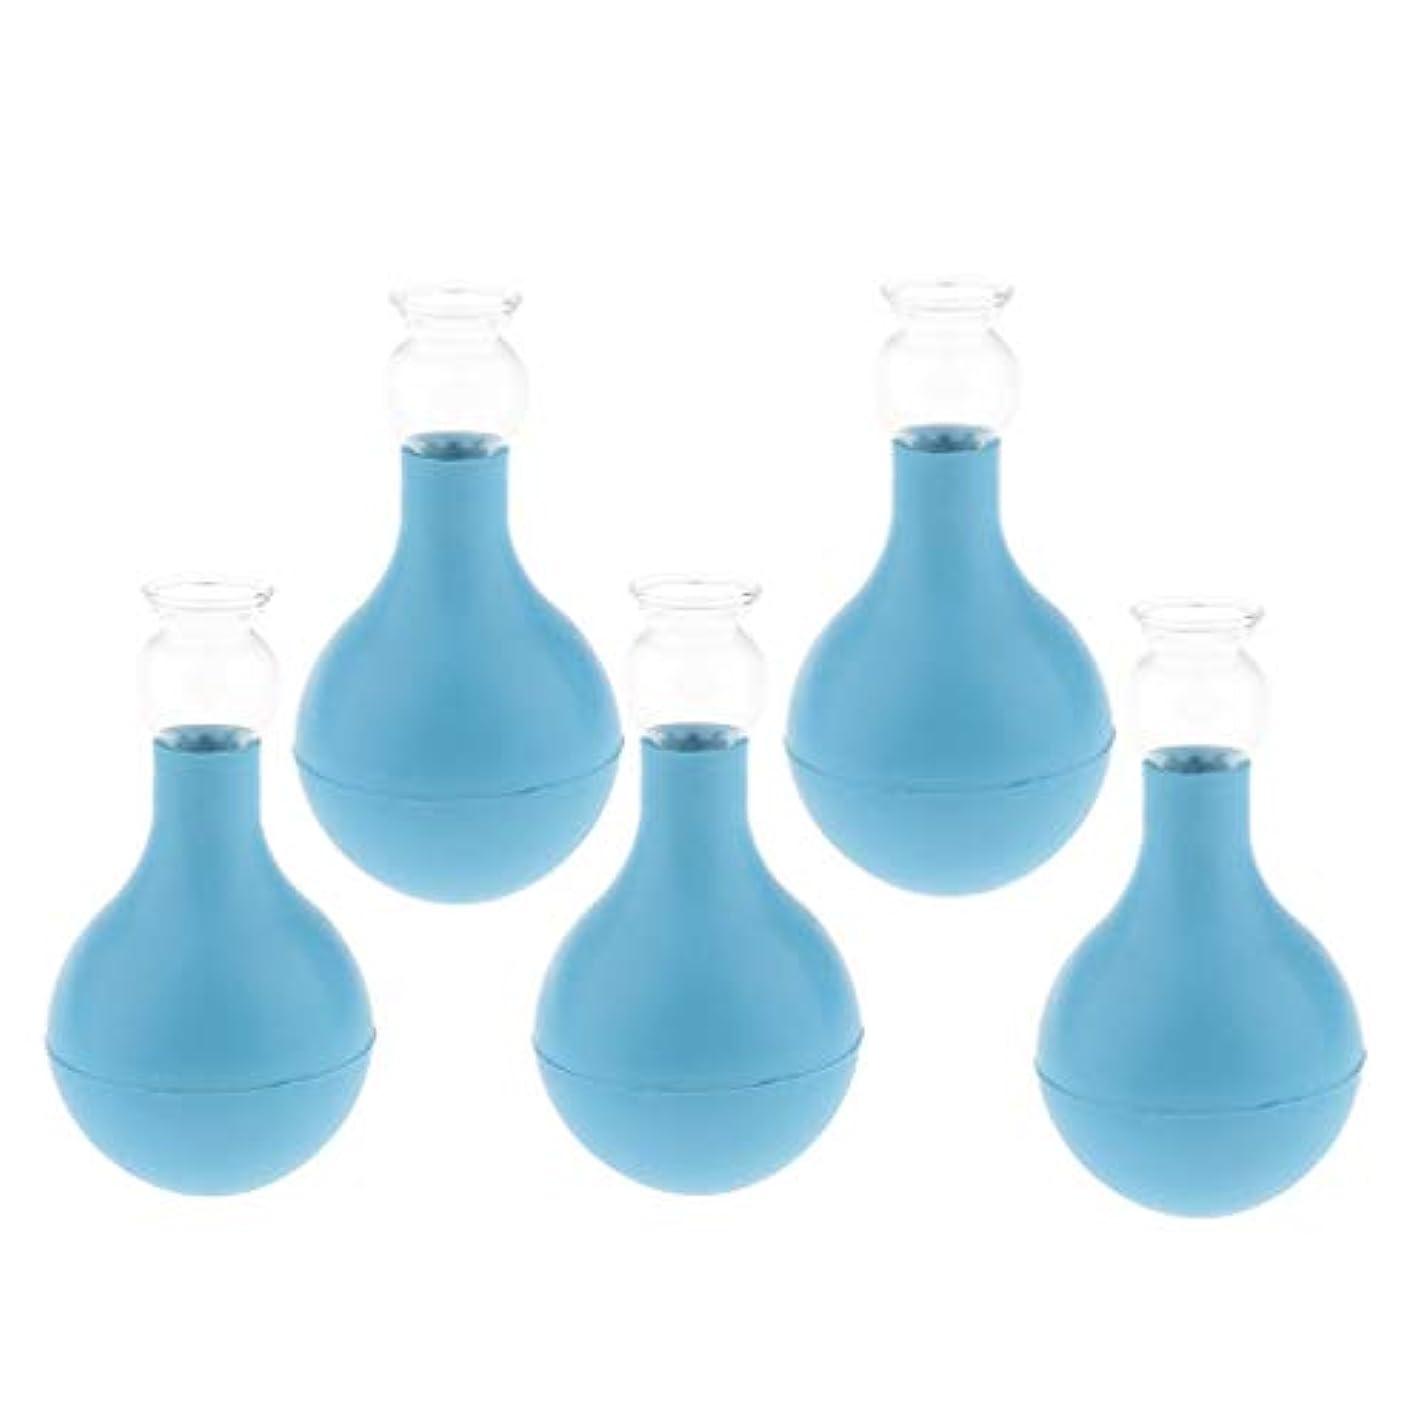 正確さ食用人里離れたマッサージ 吸い玉 カッピング 5個 シリコン ガラス 顔 首 背中 胸 脚 全身用 2サイズ選ぶ - ブルー+ブルー3cm, 3cm